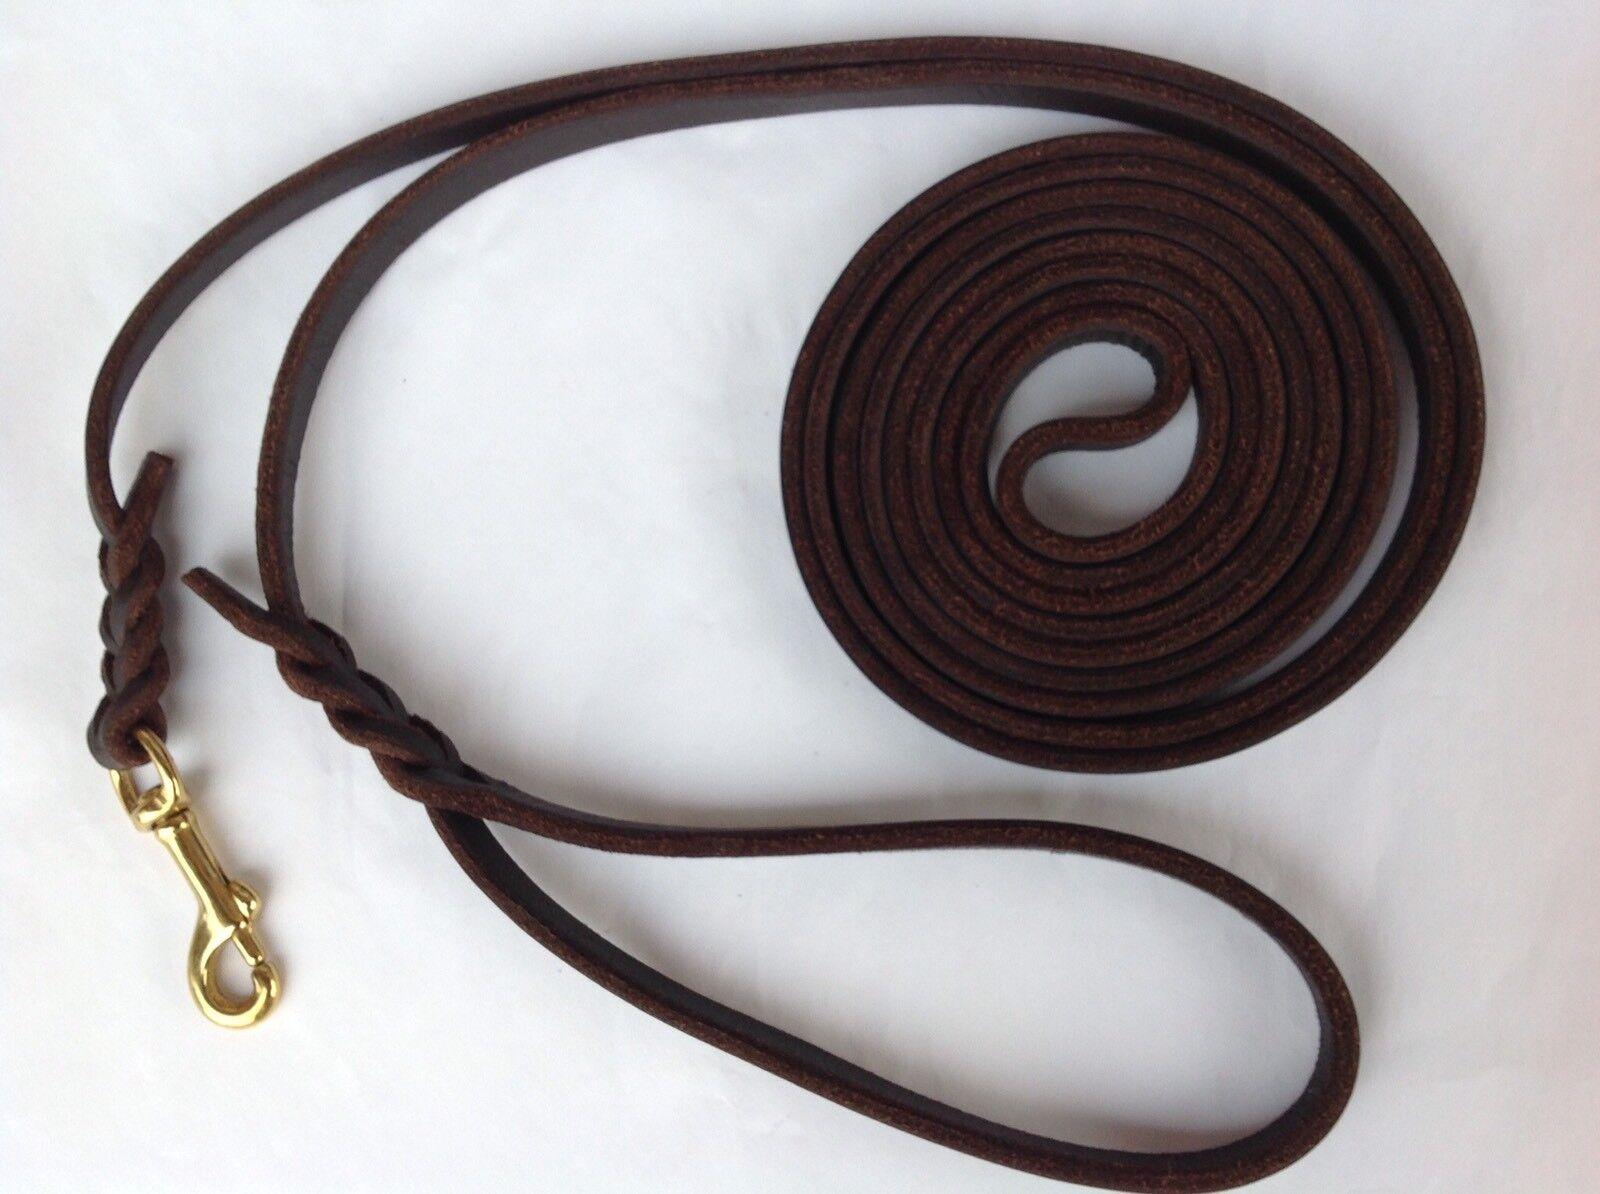 Fettlederleine Lederleine Länge Länge Länge 6 m Breite 8 mm Handschlaufe Messingkarabiner  | Stil  d86474